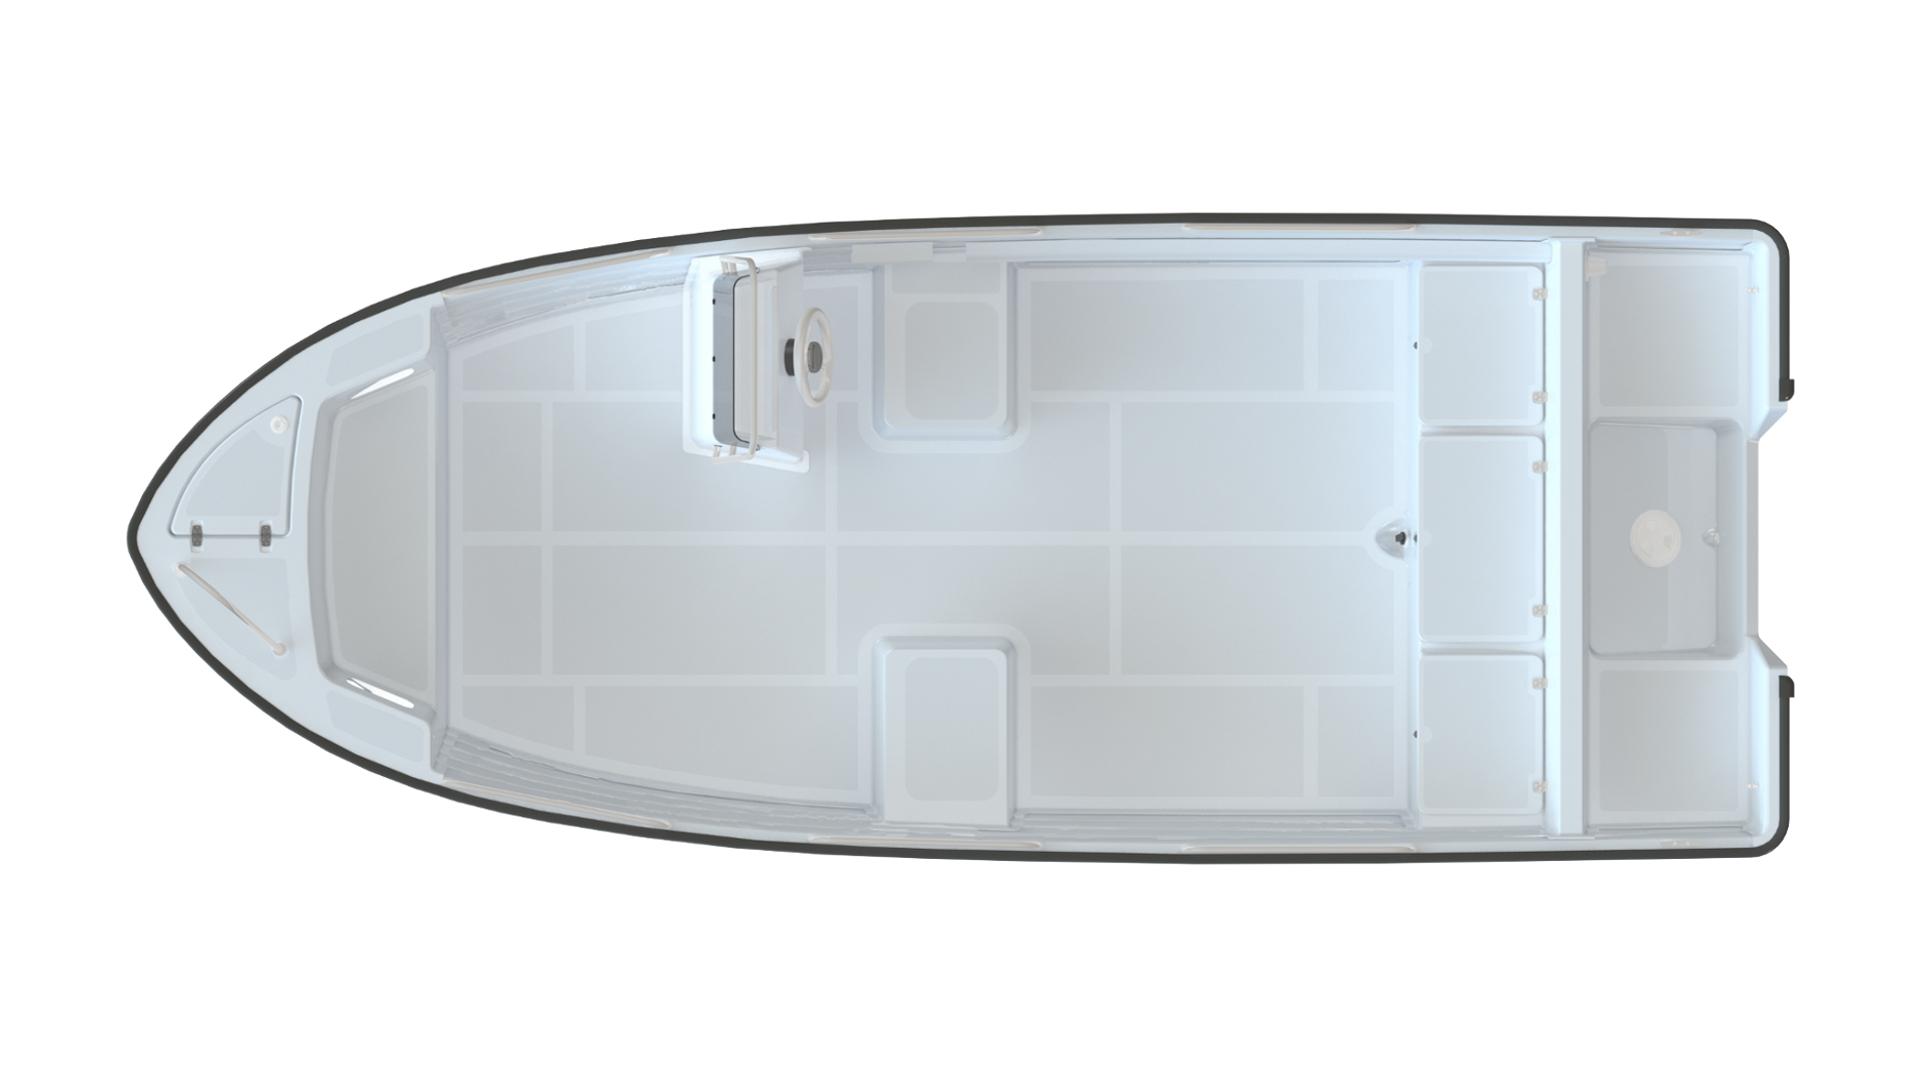 Стеклопластиковая моторная лодка GRAND Nautilus N585, GRAND N585, GRAND Nautilus, GRAND Nautilus N585, Стеклопластиковая моторная лодка GRAND, Моторная лодка GRAND, Стеклопластиковая лодка GRAND, Лодка для рыбалки, Лодка для большой компании